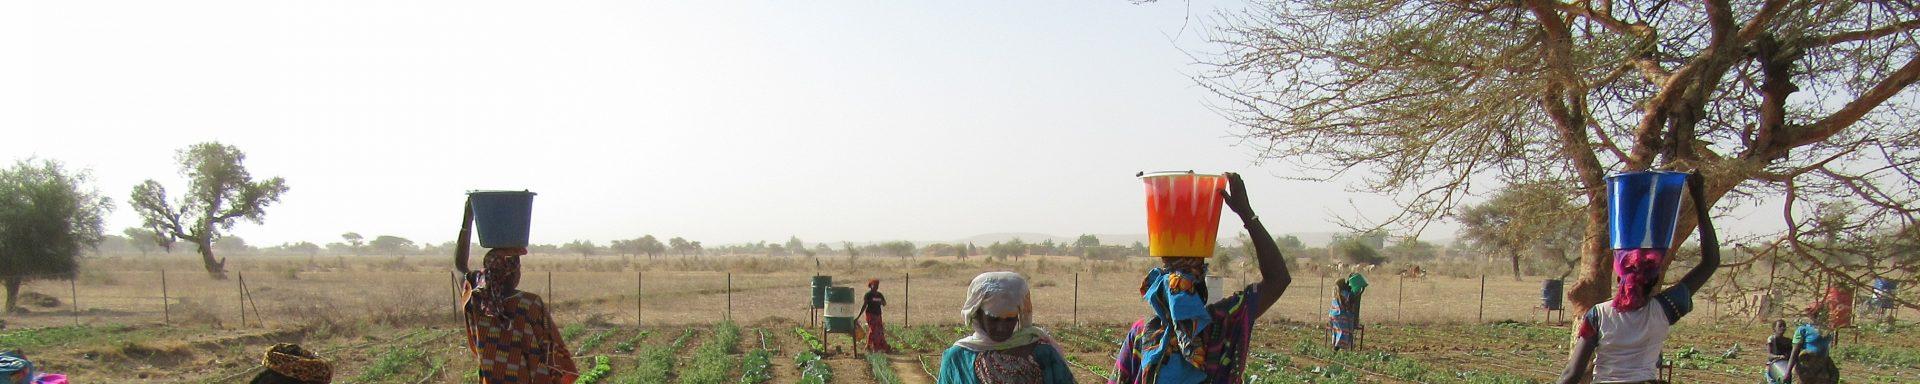 Vrouwen uit Burkina Faso halen water uit waterbron.